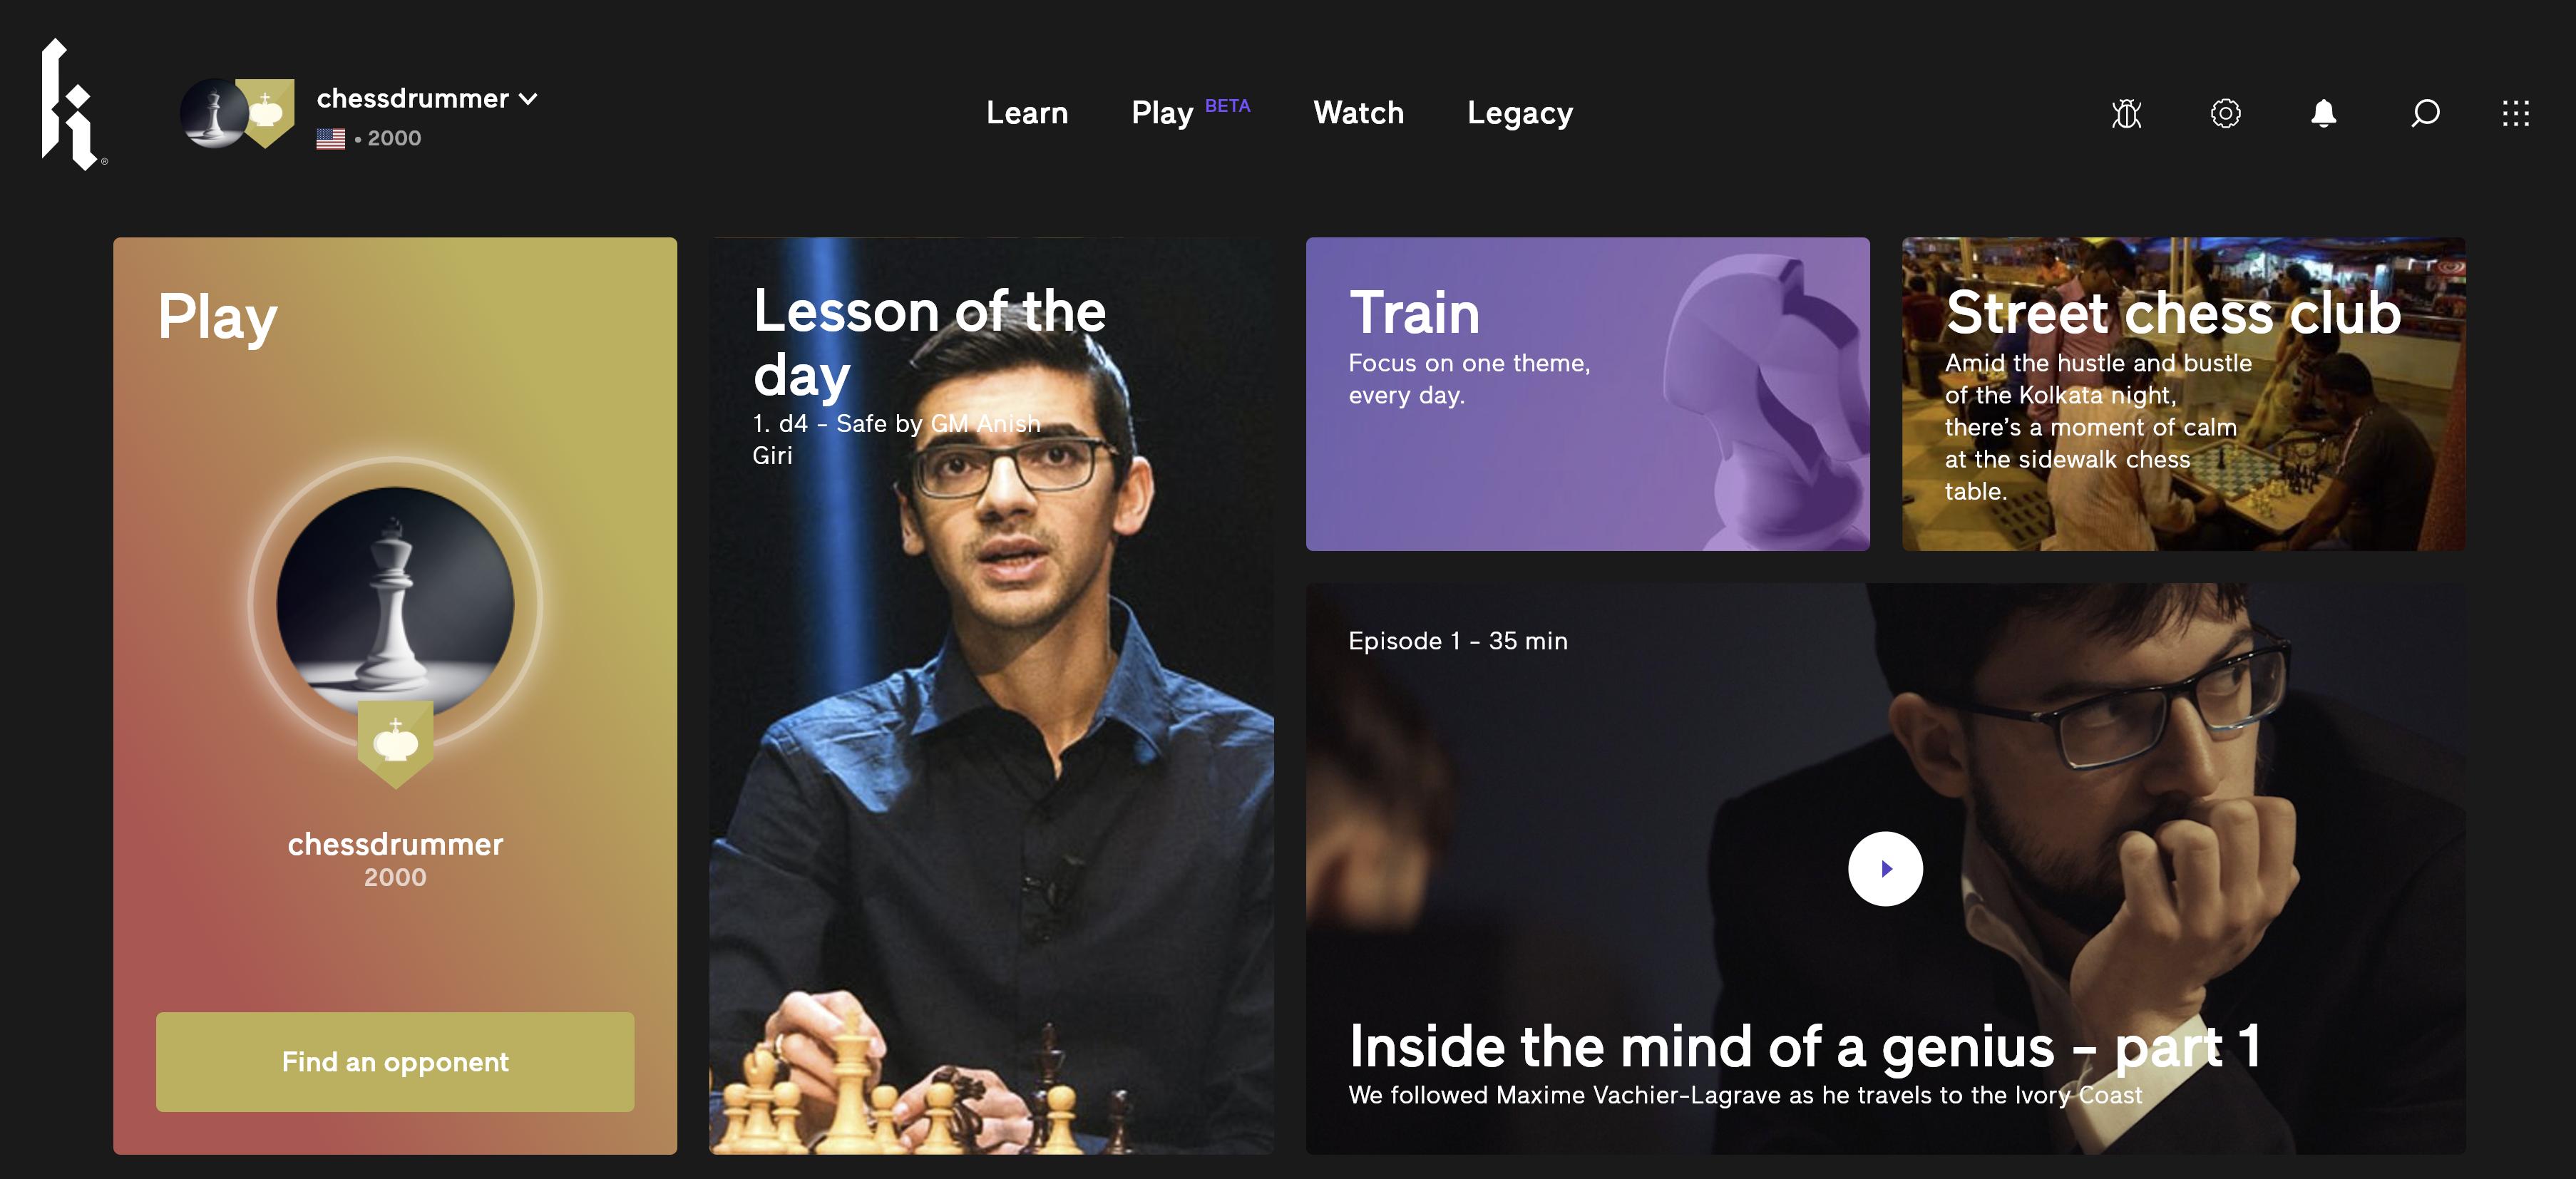 KasparovChess.com